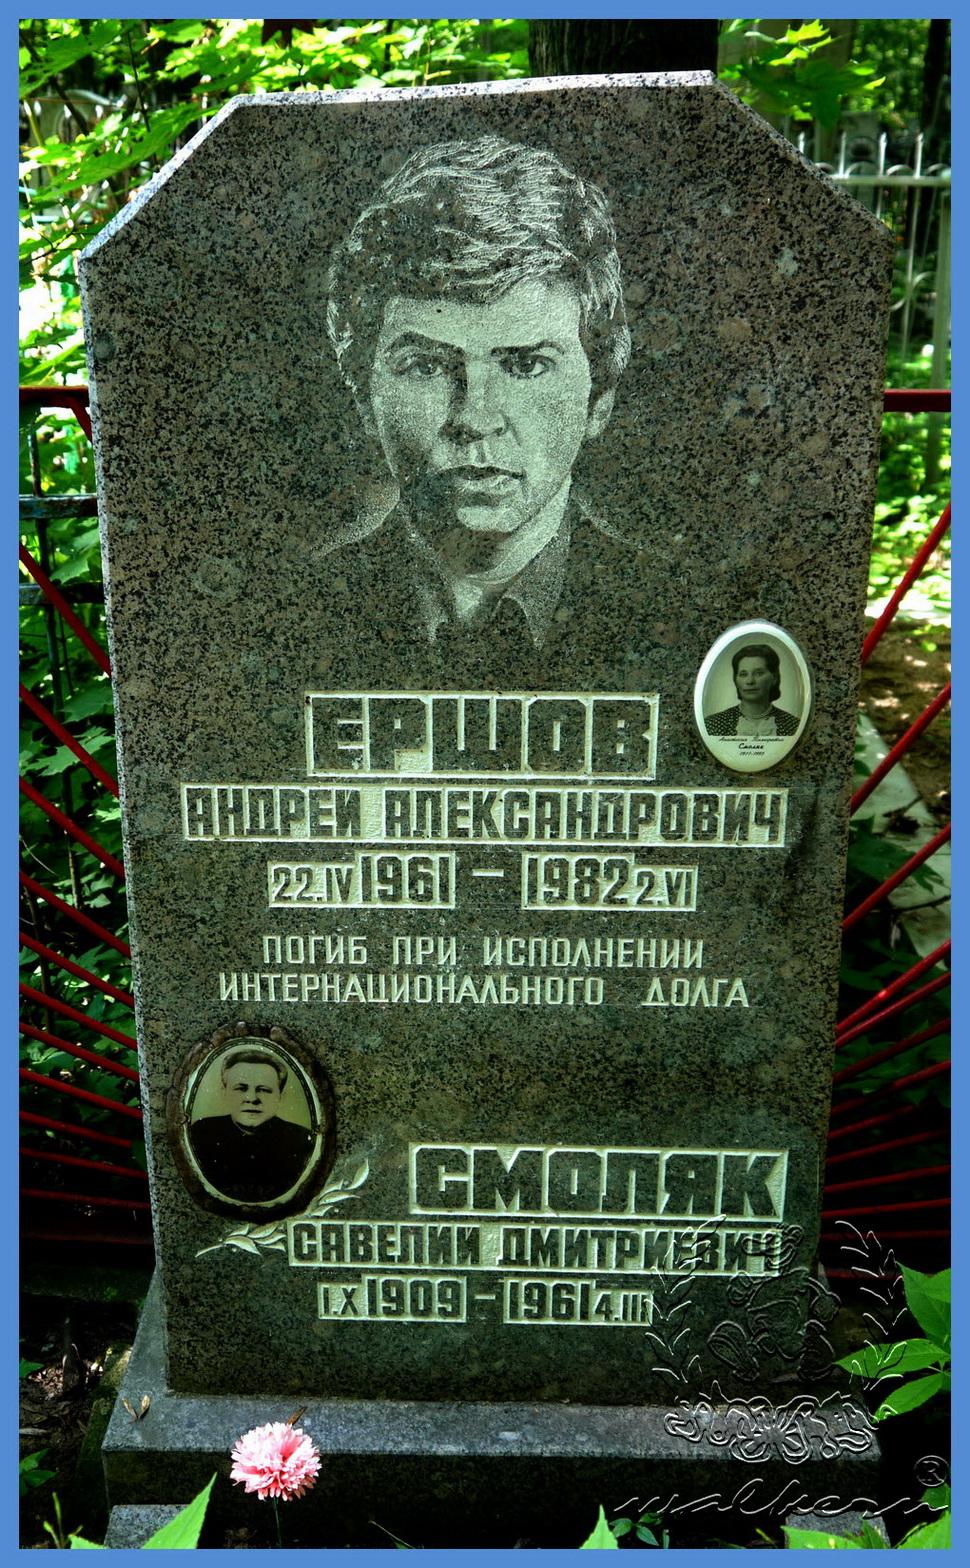 Ершов Андрей Александрович